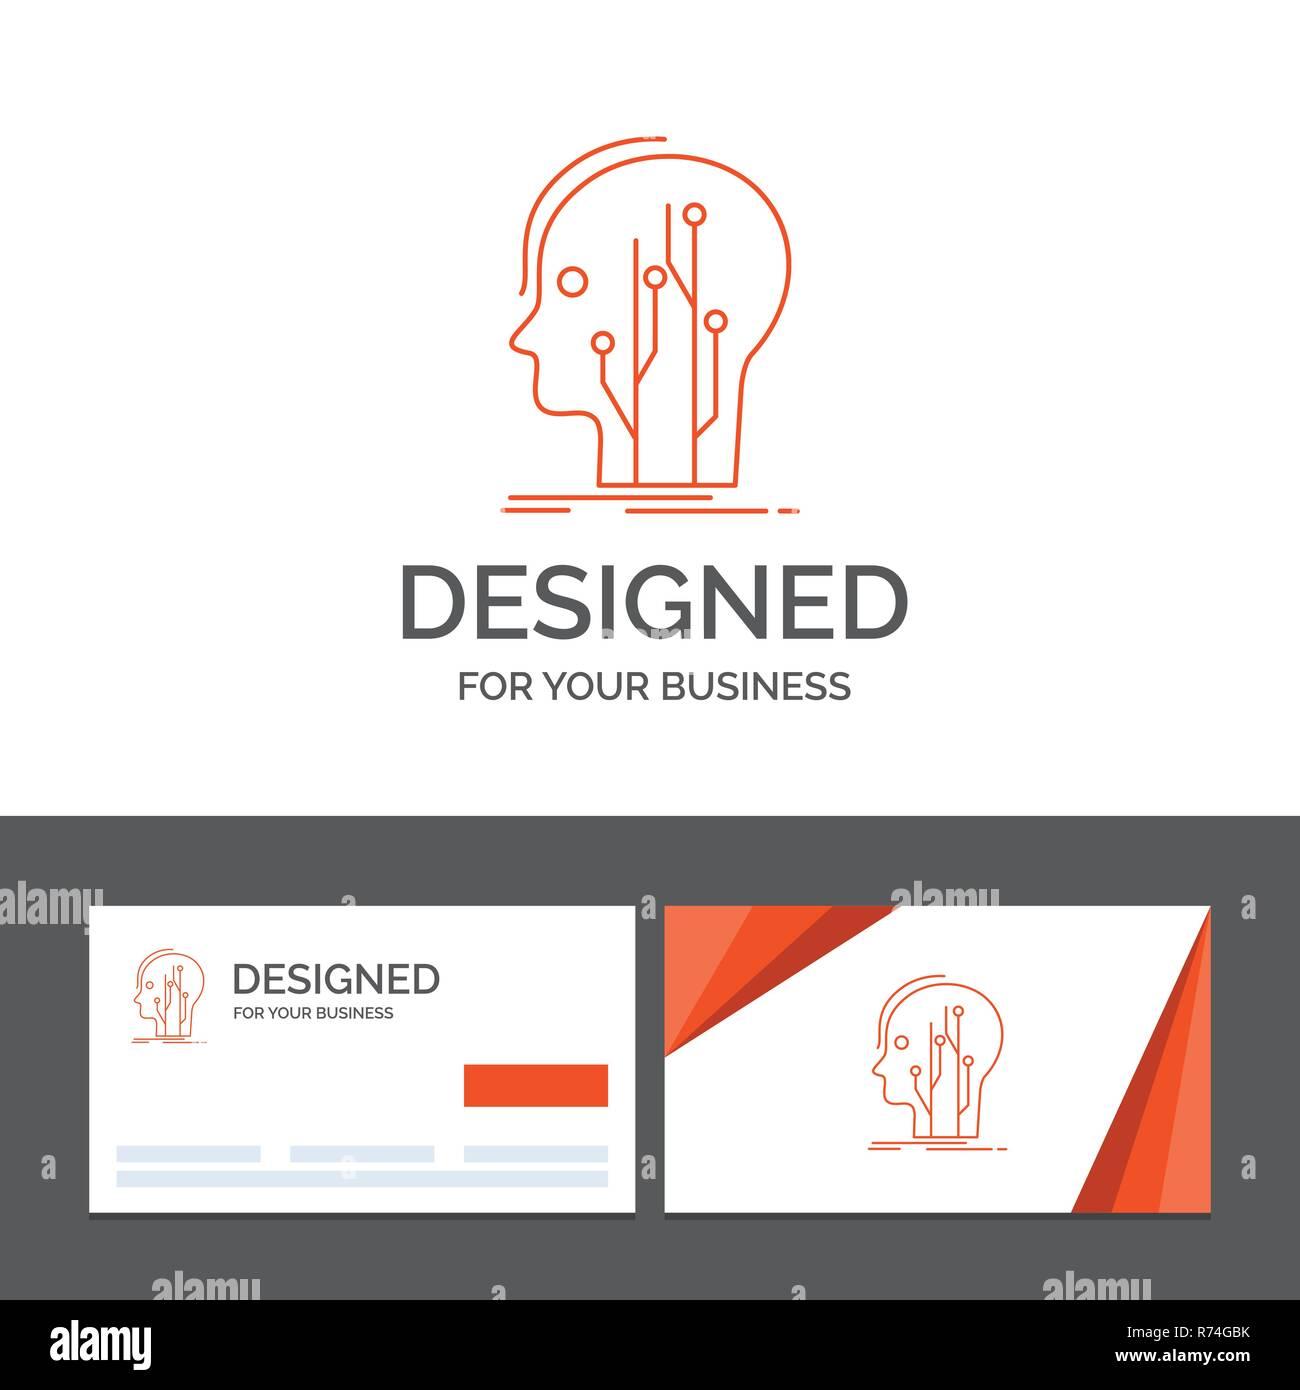 Modle De Logo Dentreprise Pour Les Donnes Chef En Connaissances Rseau